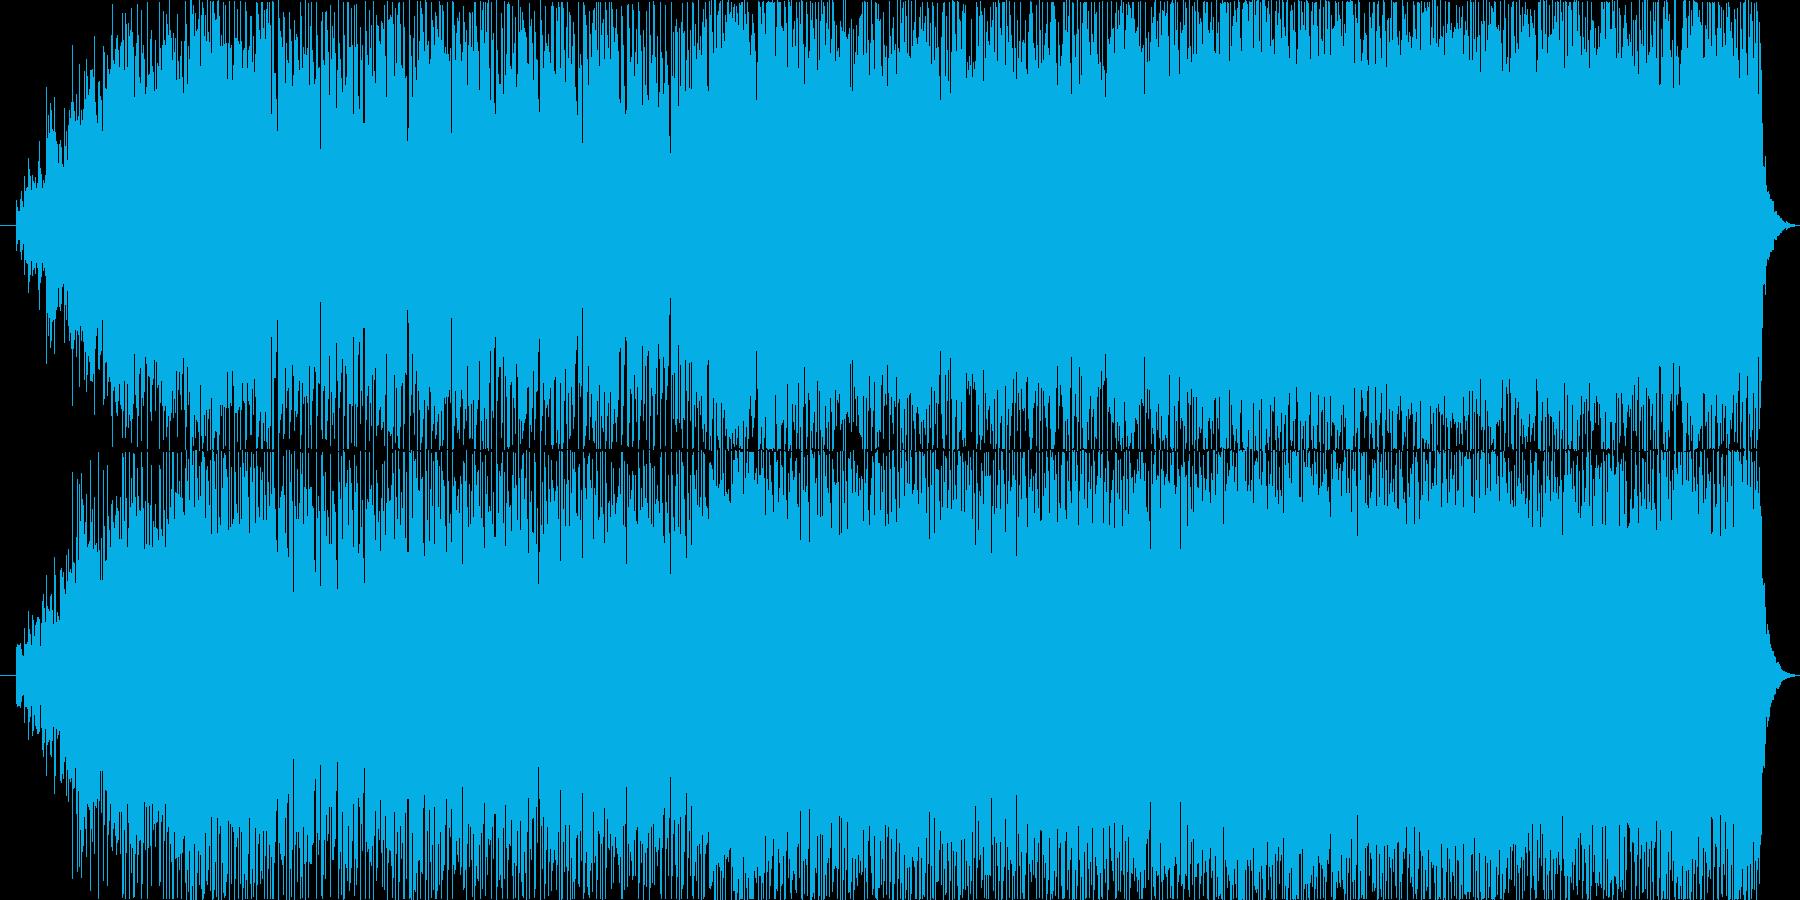 ワクワクするようなエレクトロポップの再生済みの波形